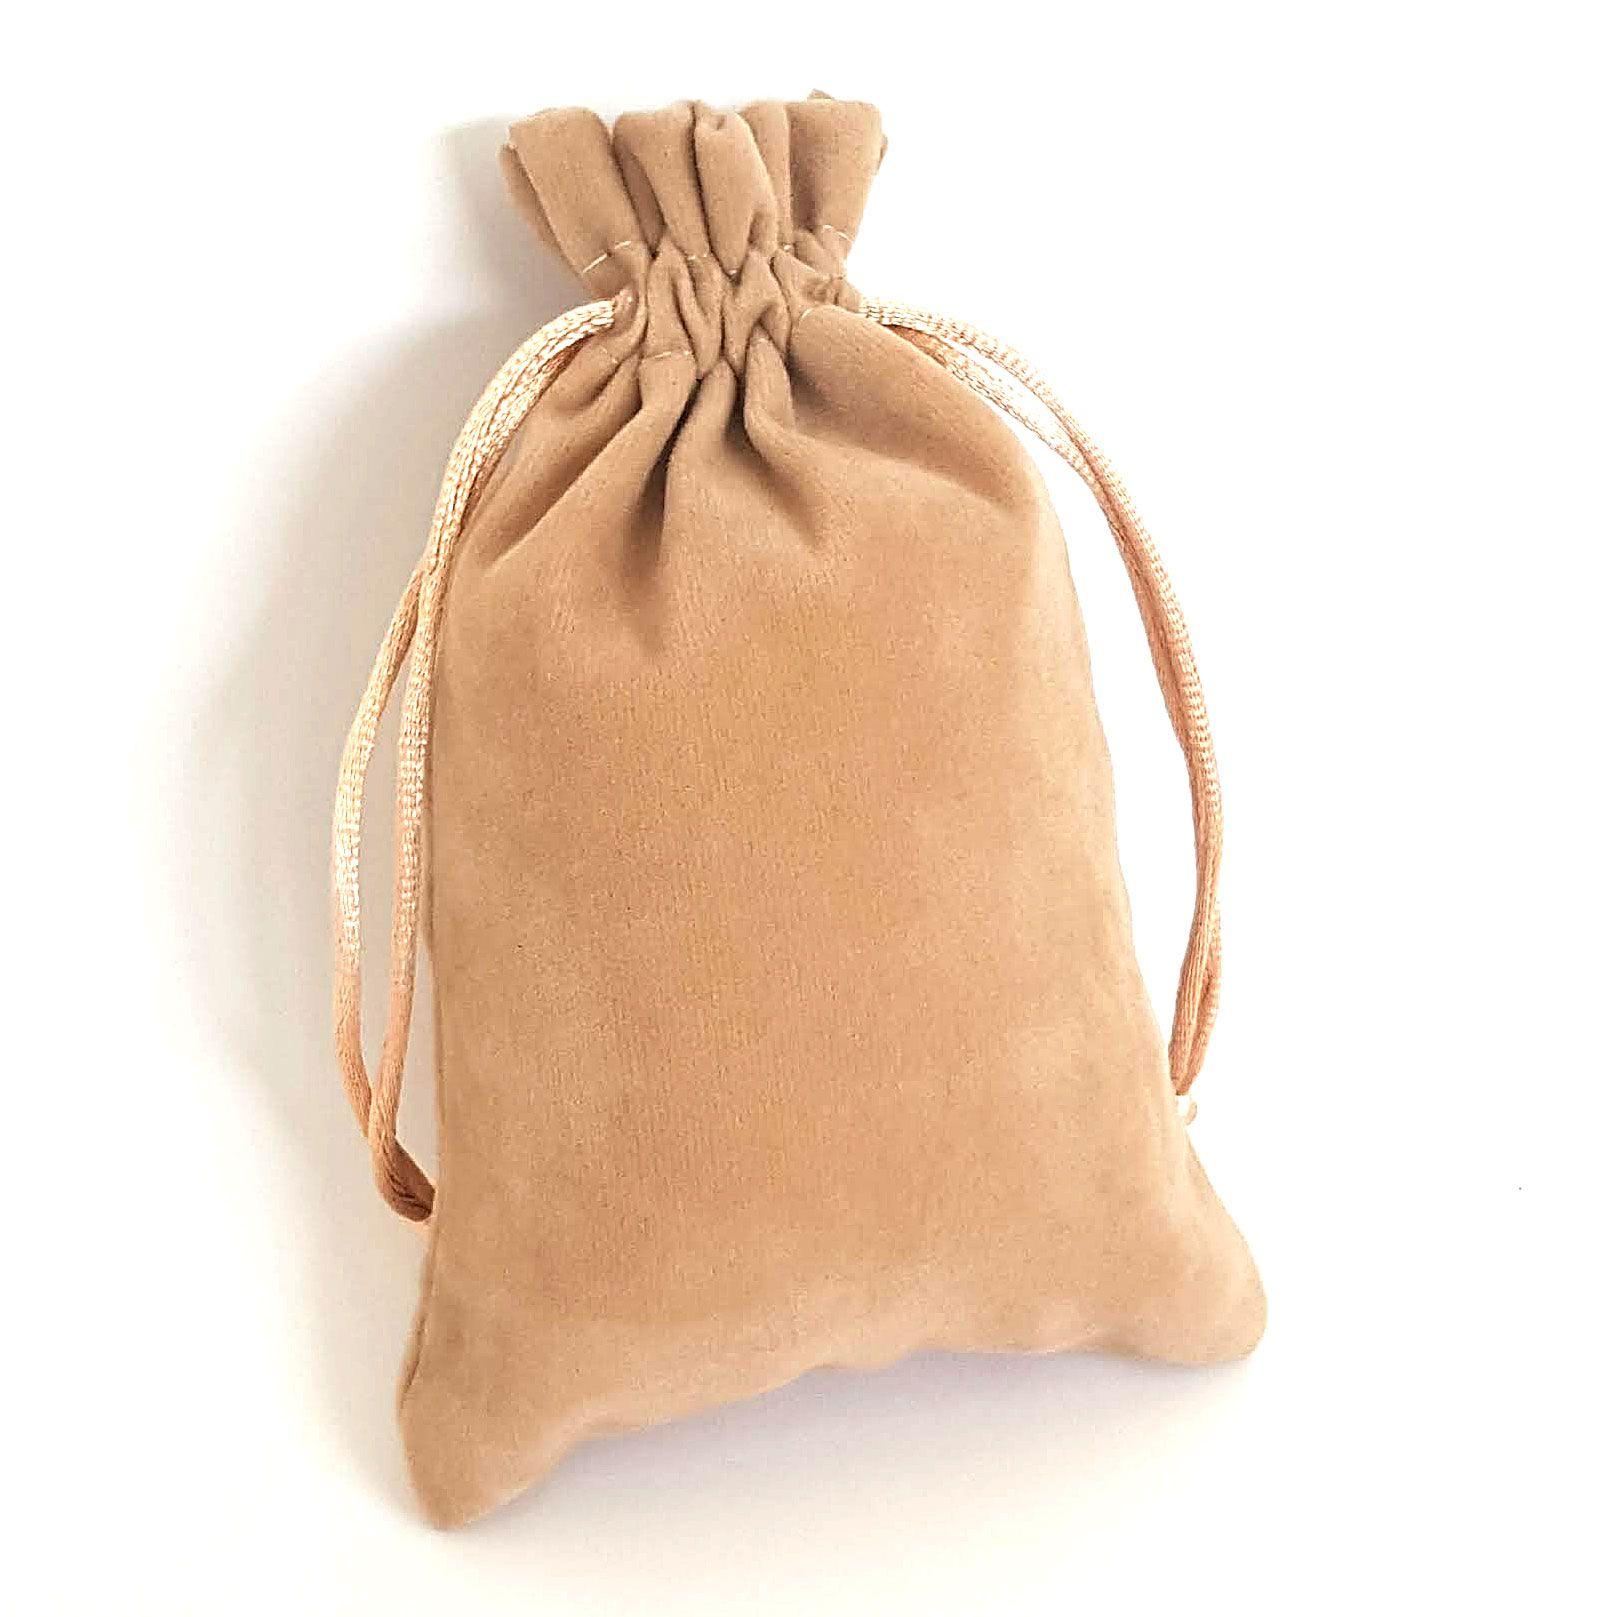 Saquinho aveludado 7 x 10 cm - Qualidade excepcional - Caramelo - Pct 10 un